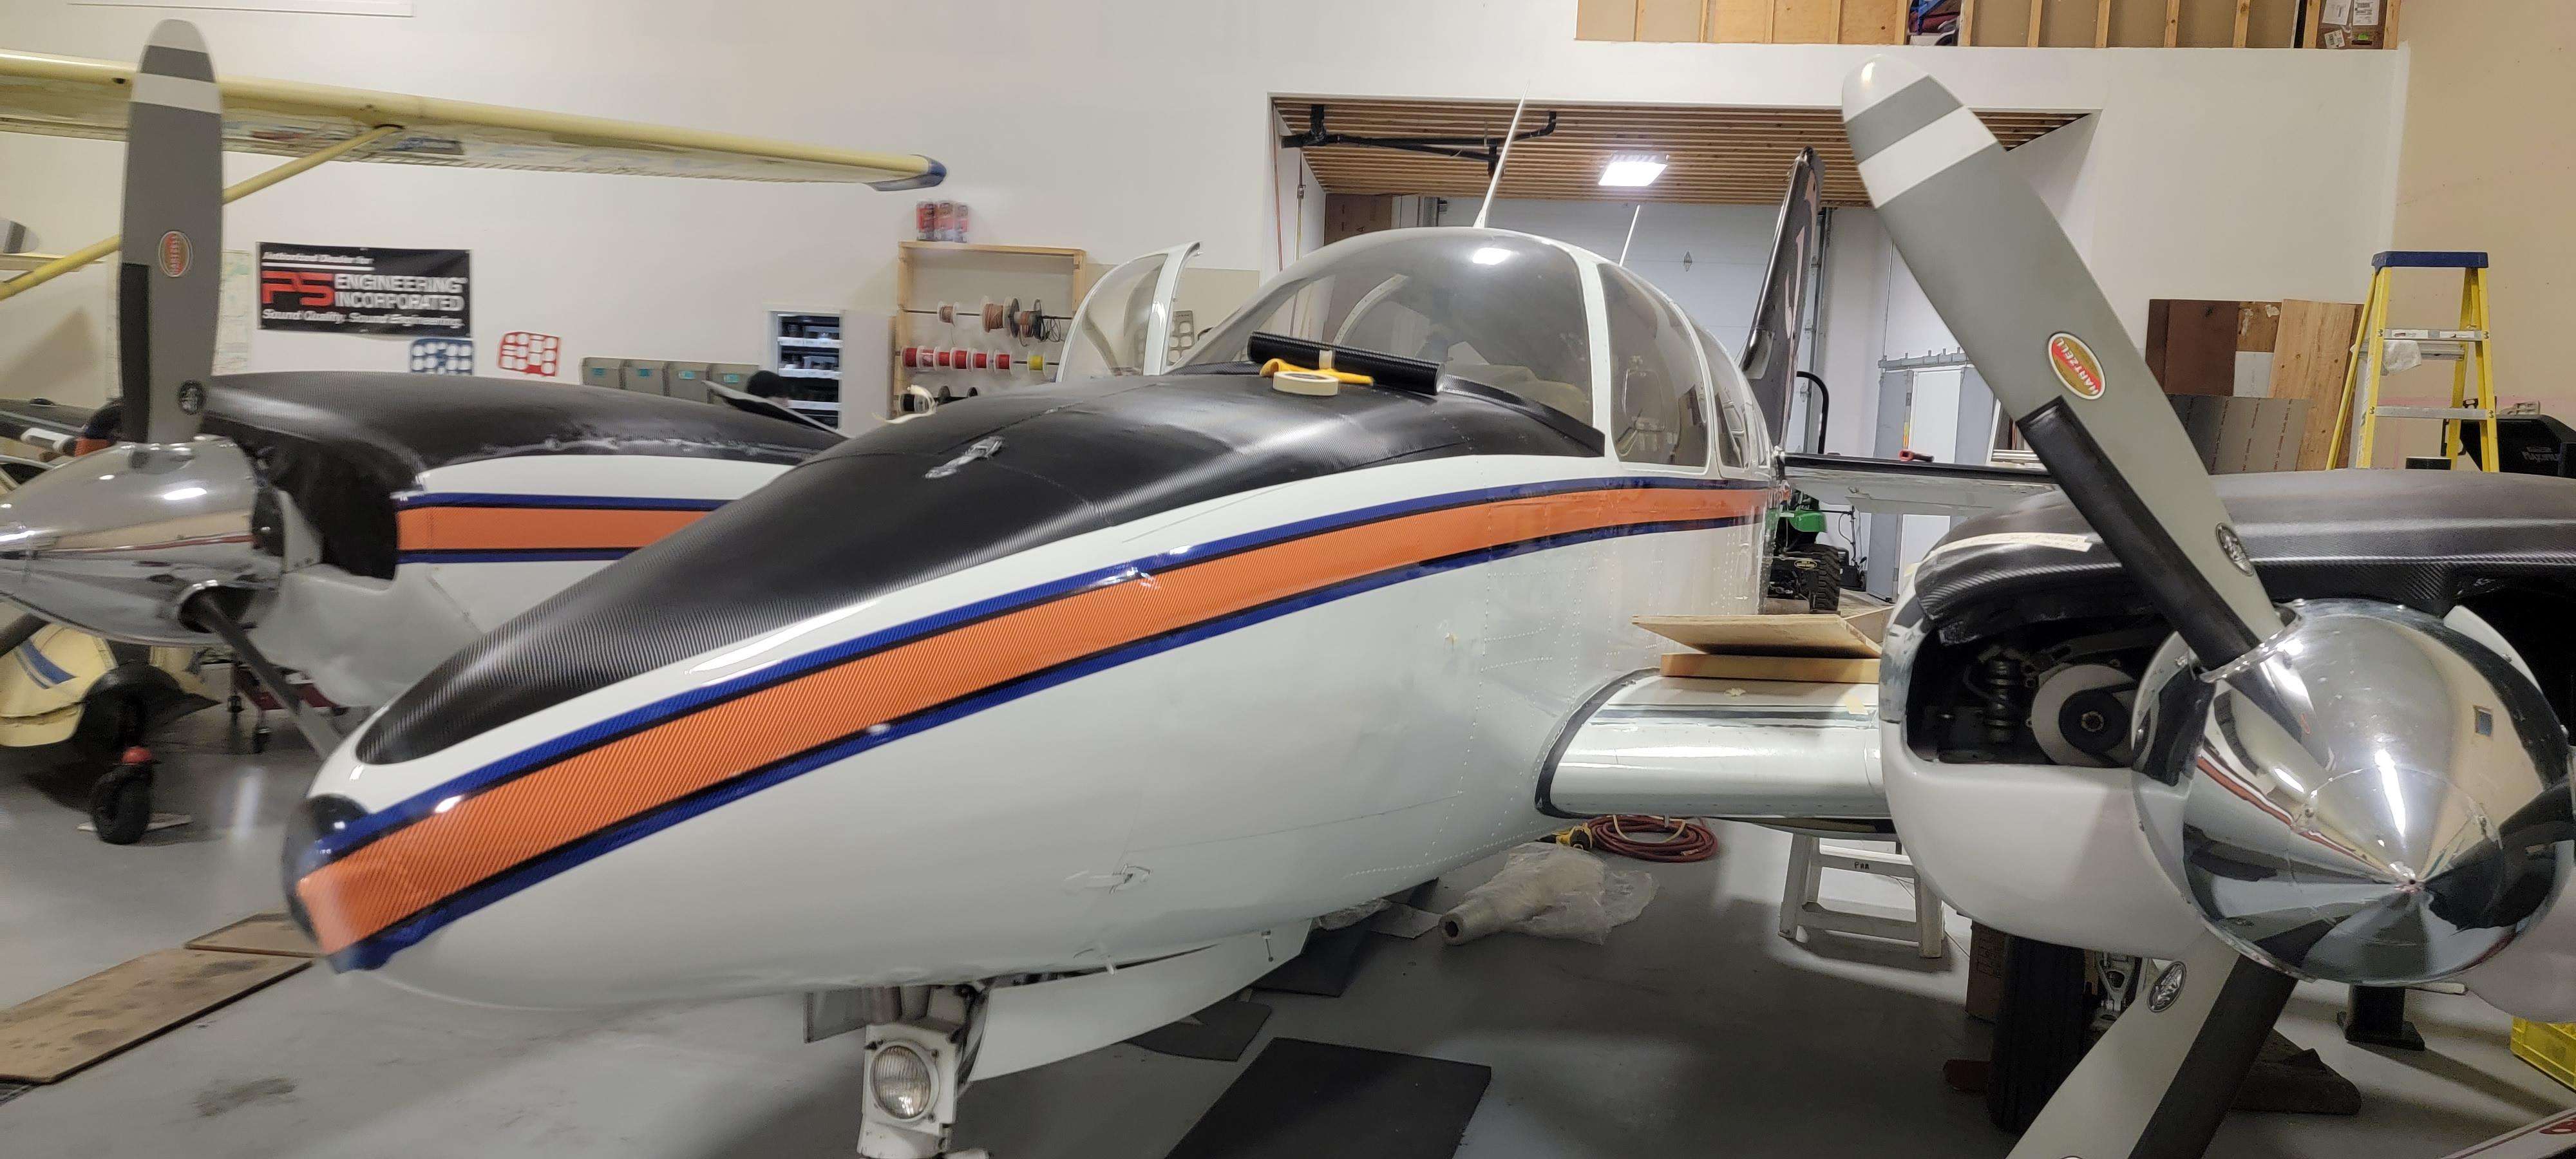 Carbon Fiber Plane